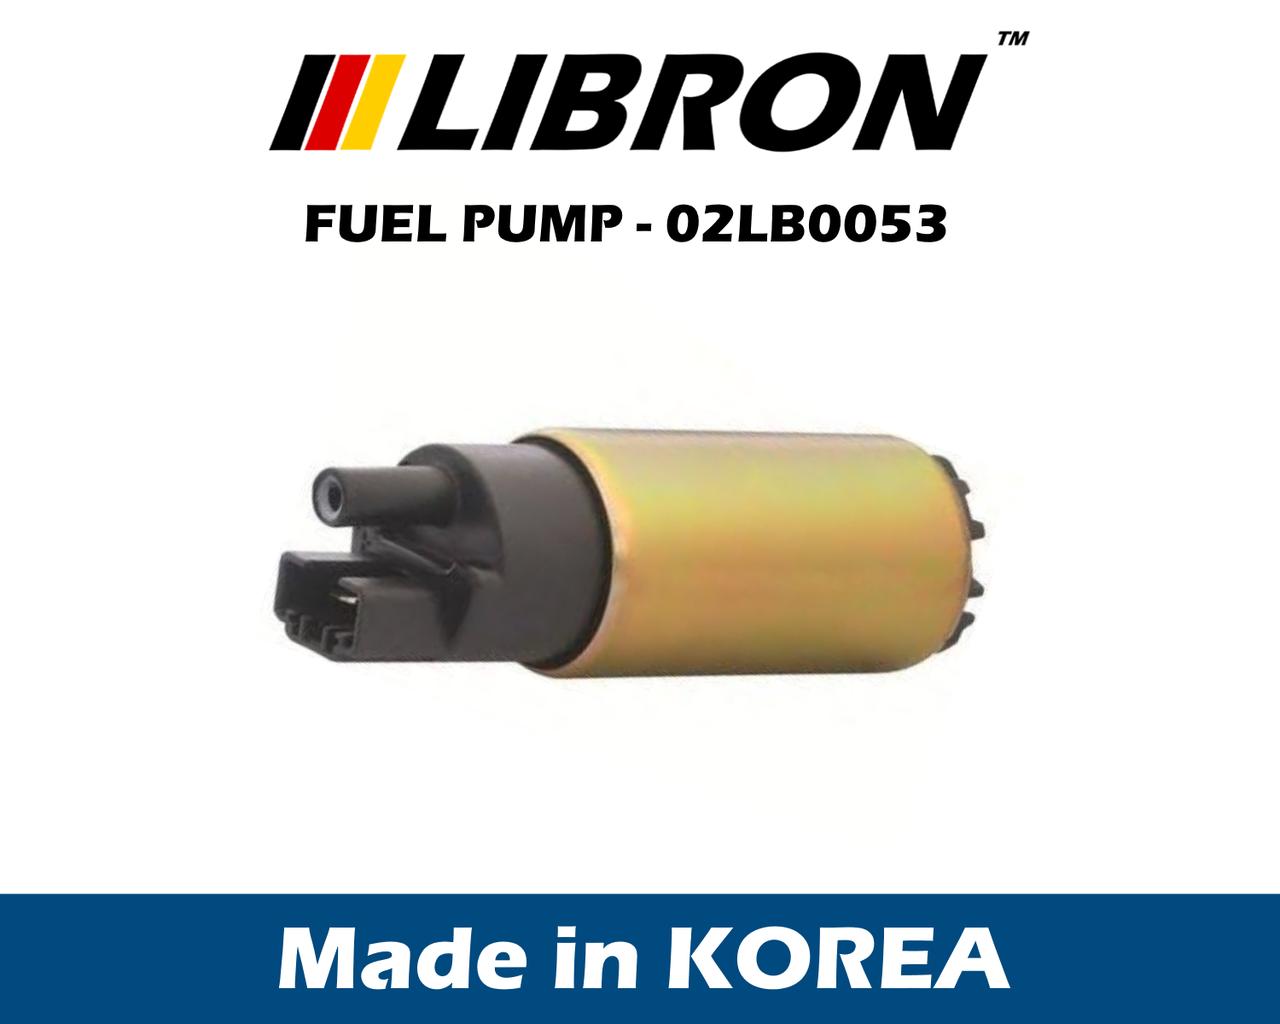 Топливный насос LIBRON 02LB0053 - ВАЗ KALINA Калина 1117 1118 1119